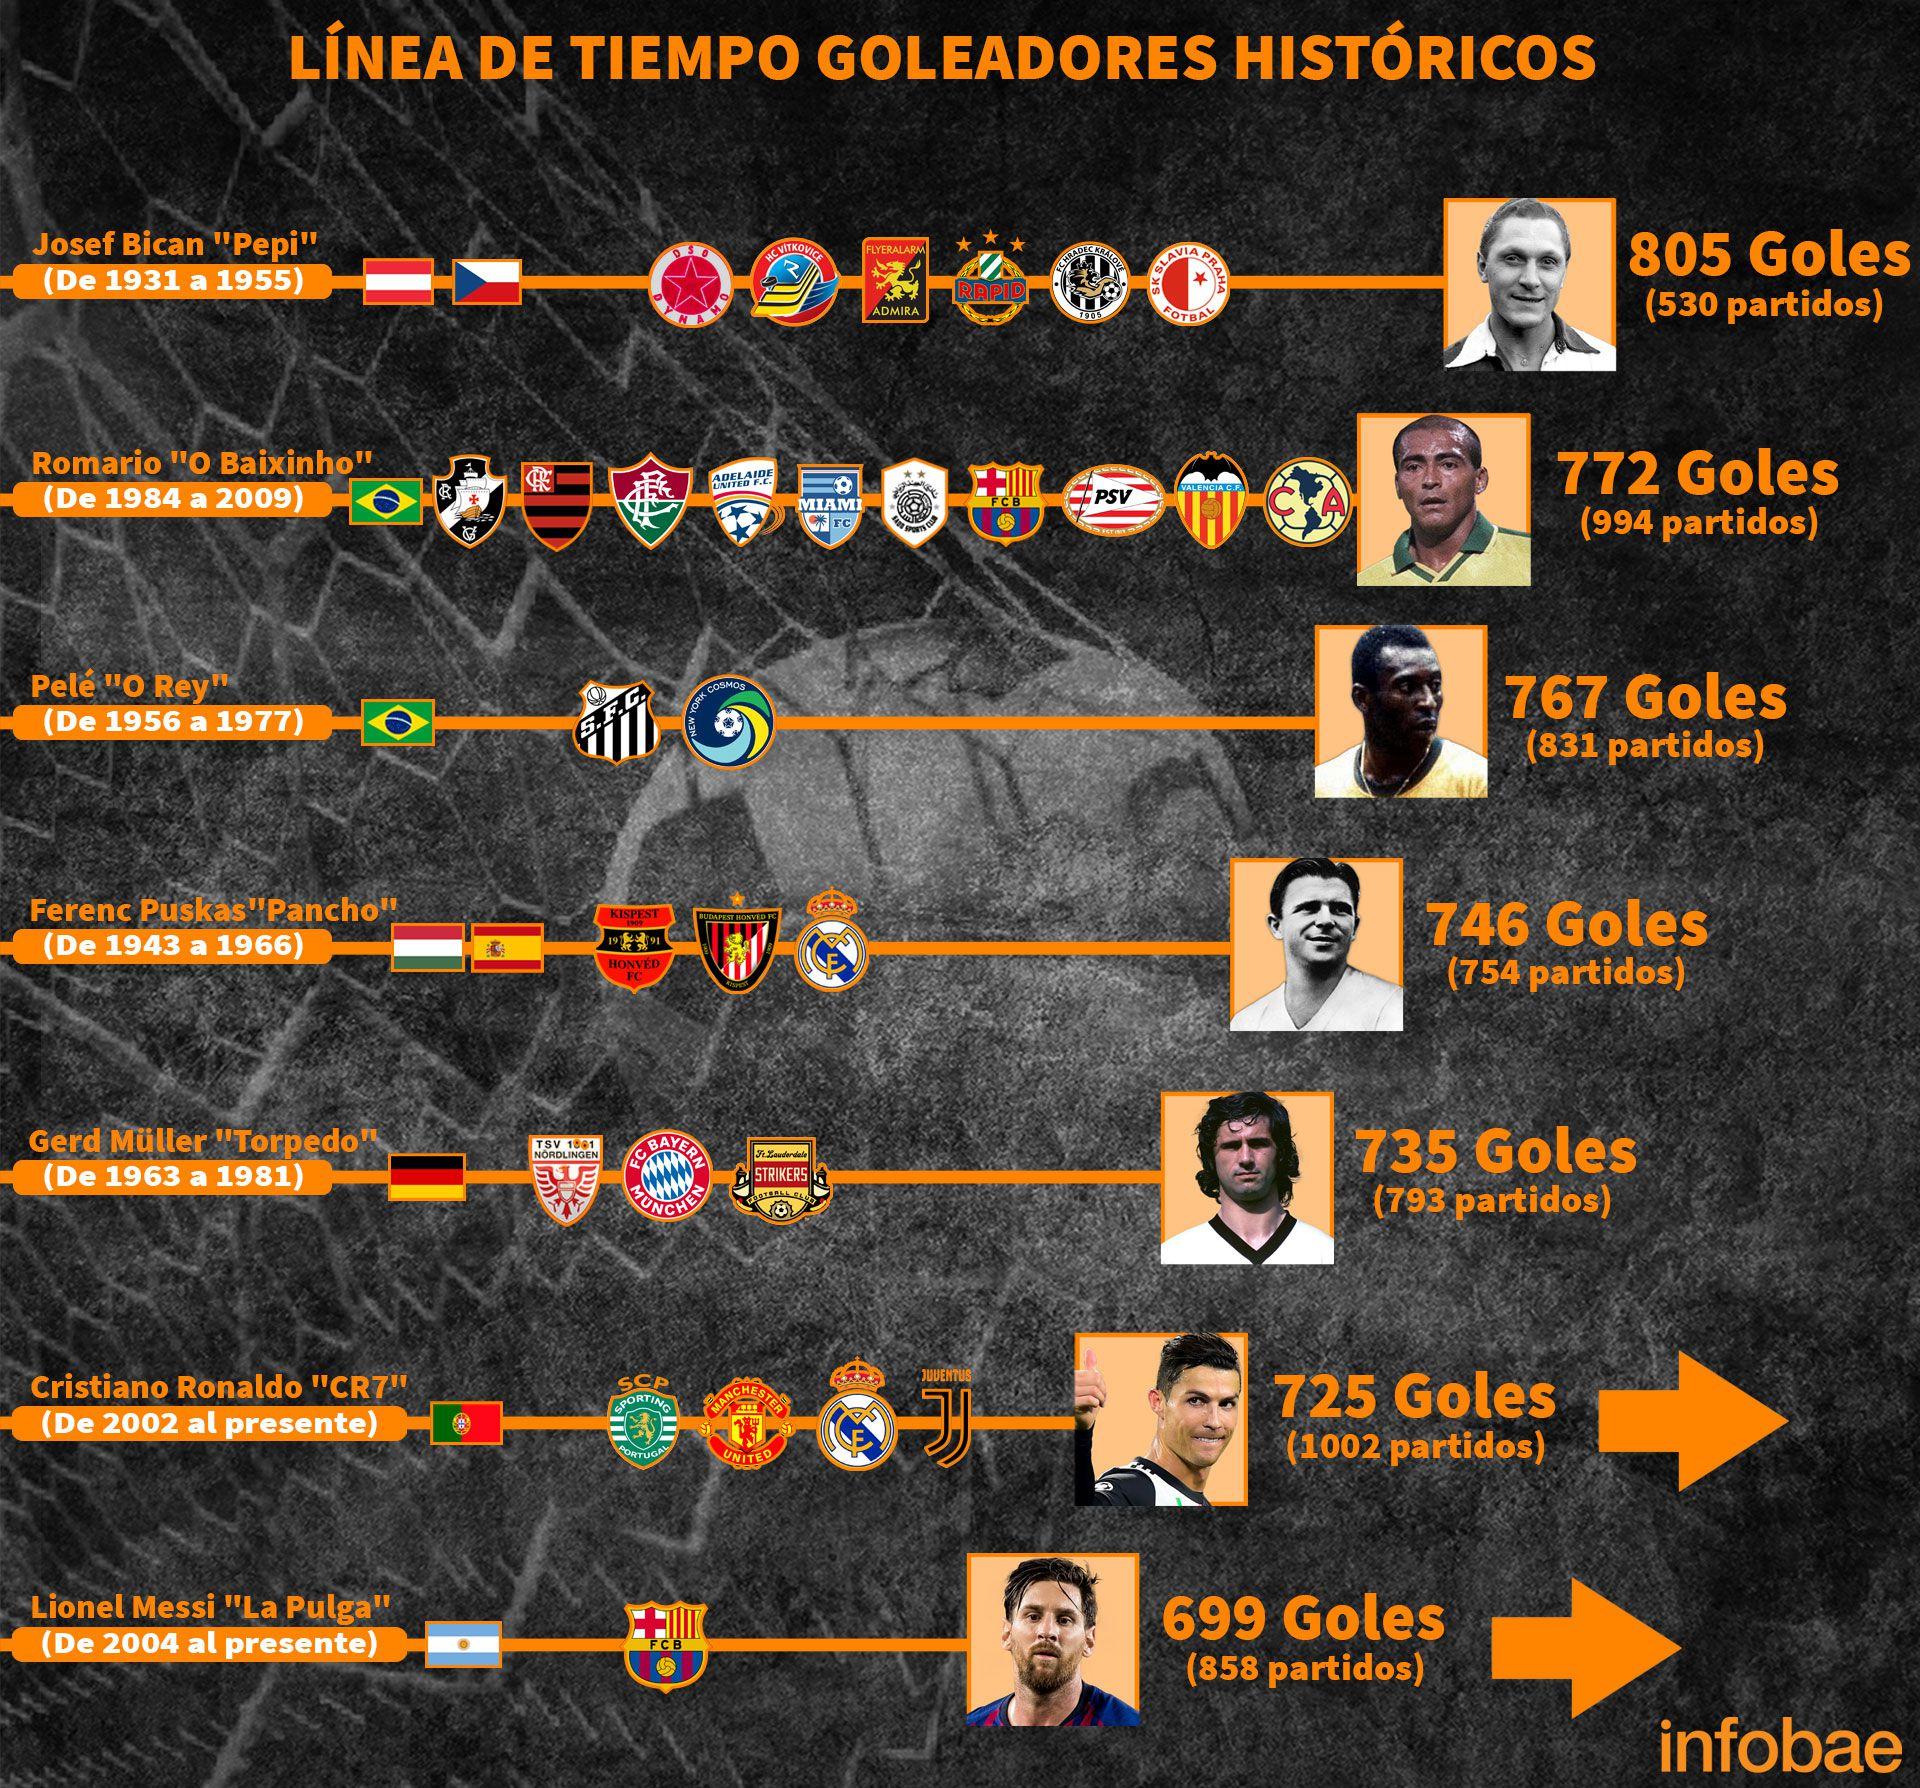 LINEA DE TIEMPO GOLEADORES HISTORICOS